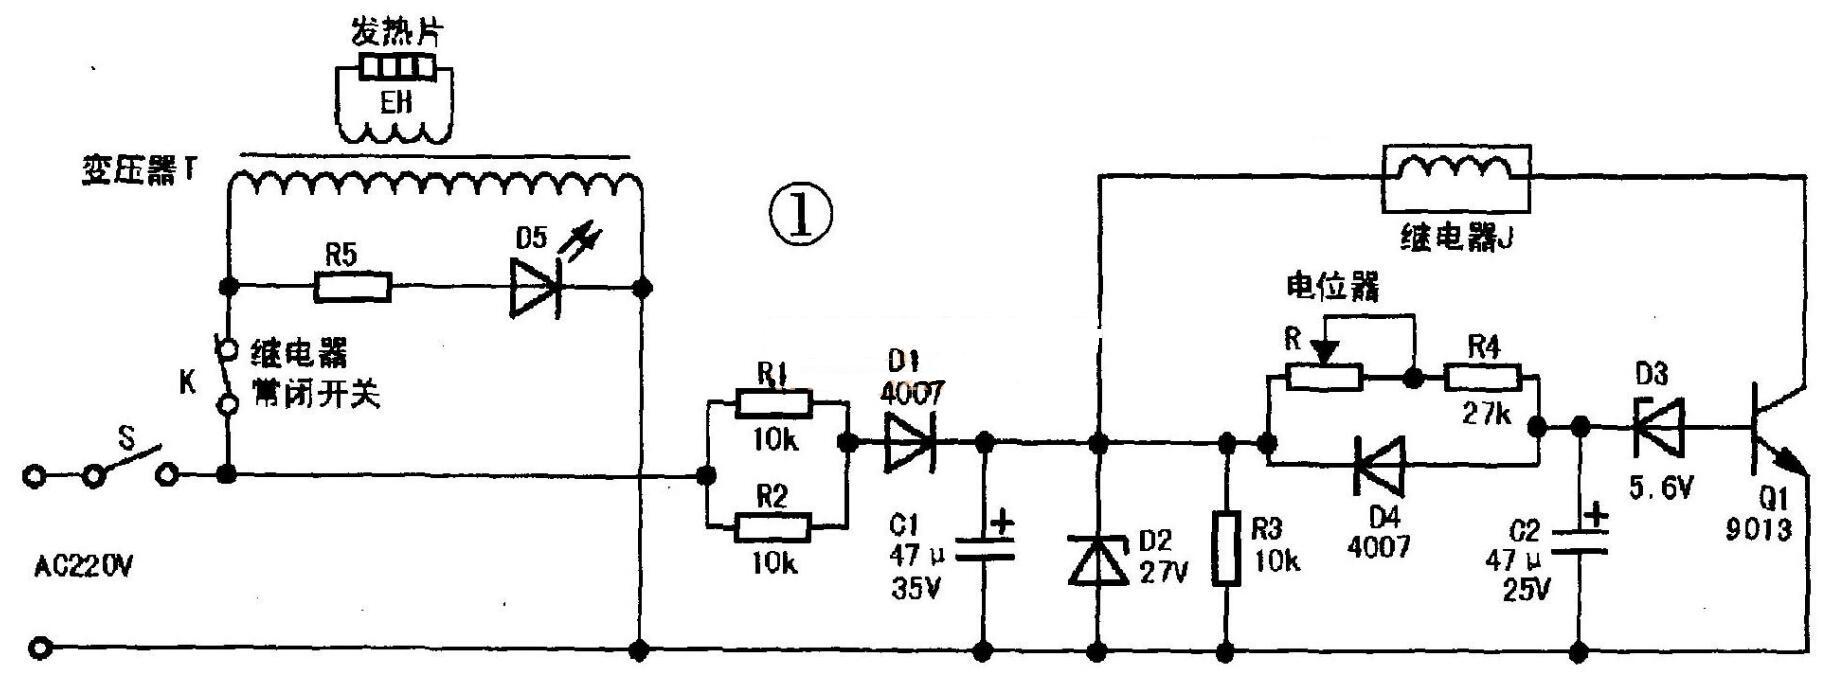 一个朋友的封口机出现了失灵故障,便问小编是什么原因,小编问了具体故障现象,朋友称封口机是在使用过程中档位调节突然失效,按下手柄,指示灯常亮不熄,发热片持续加热,不能正常使用。 小编来到现场,并根据实物绘制出该机电路,如图1所示。该机电路由控制电路和加热指示电路两部分组成。S为总控制开关,按下手柄,则S闭合。正常时,两部分电路都得电,其中加热指示电路的工作过程如下:市电经继电器常闭触头开关K后,一路经限流电阻R5与发光二极管 D5形成电流回路,红灯点亮;另一路经变压器T降压为20V左右的交流电,加到发热片E